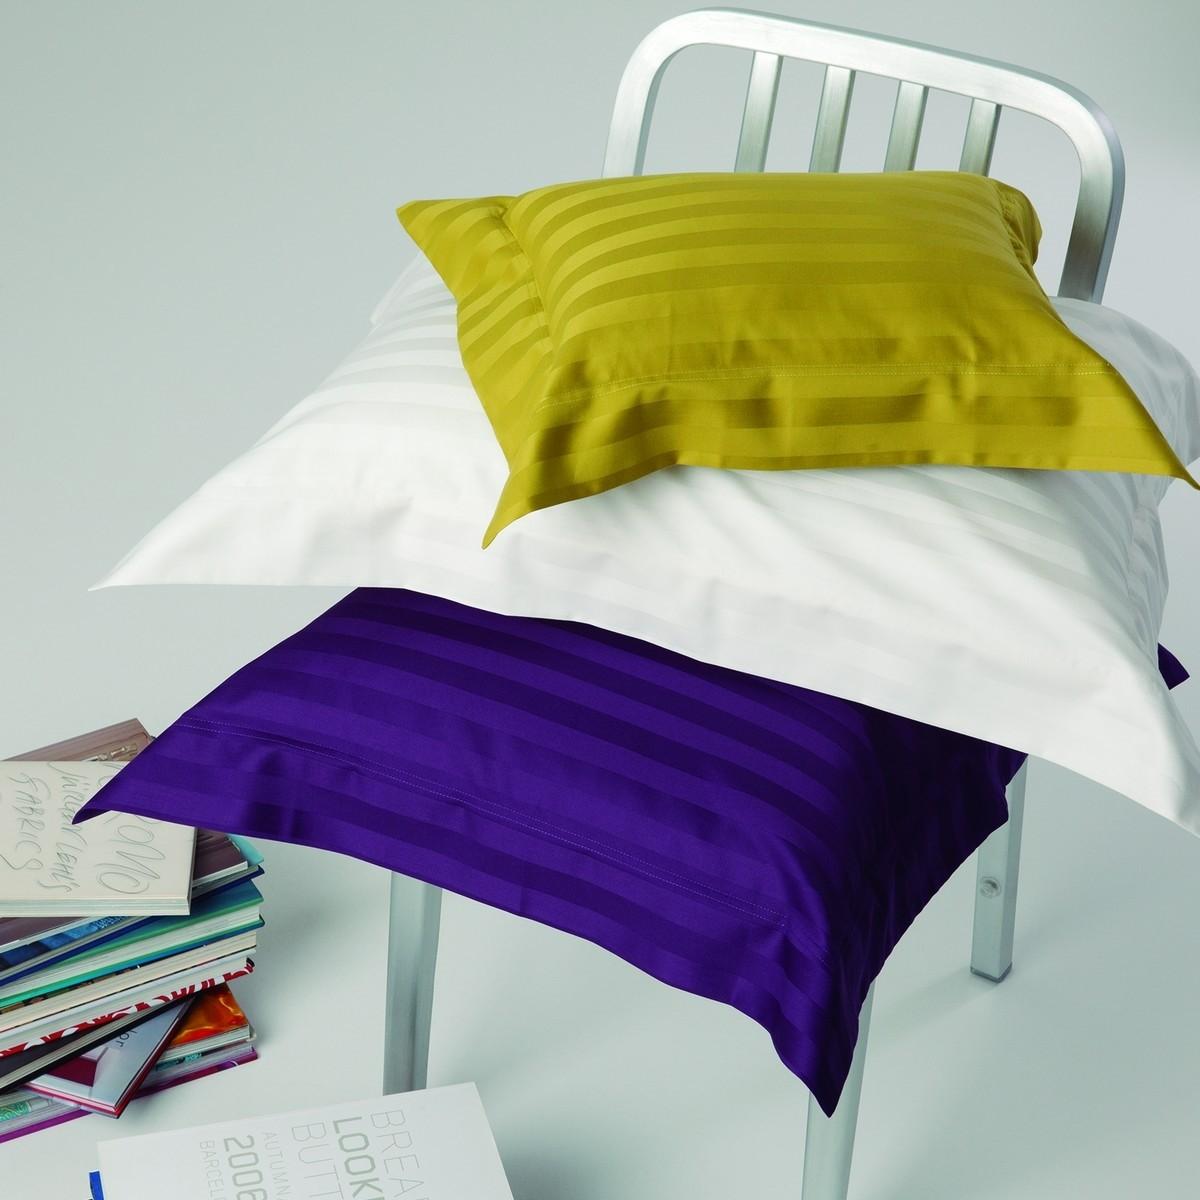 Pillowcase, Look